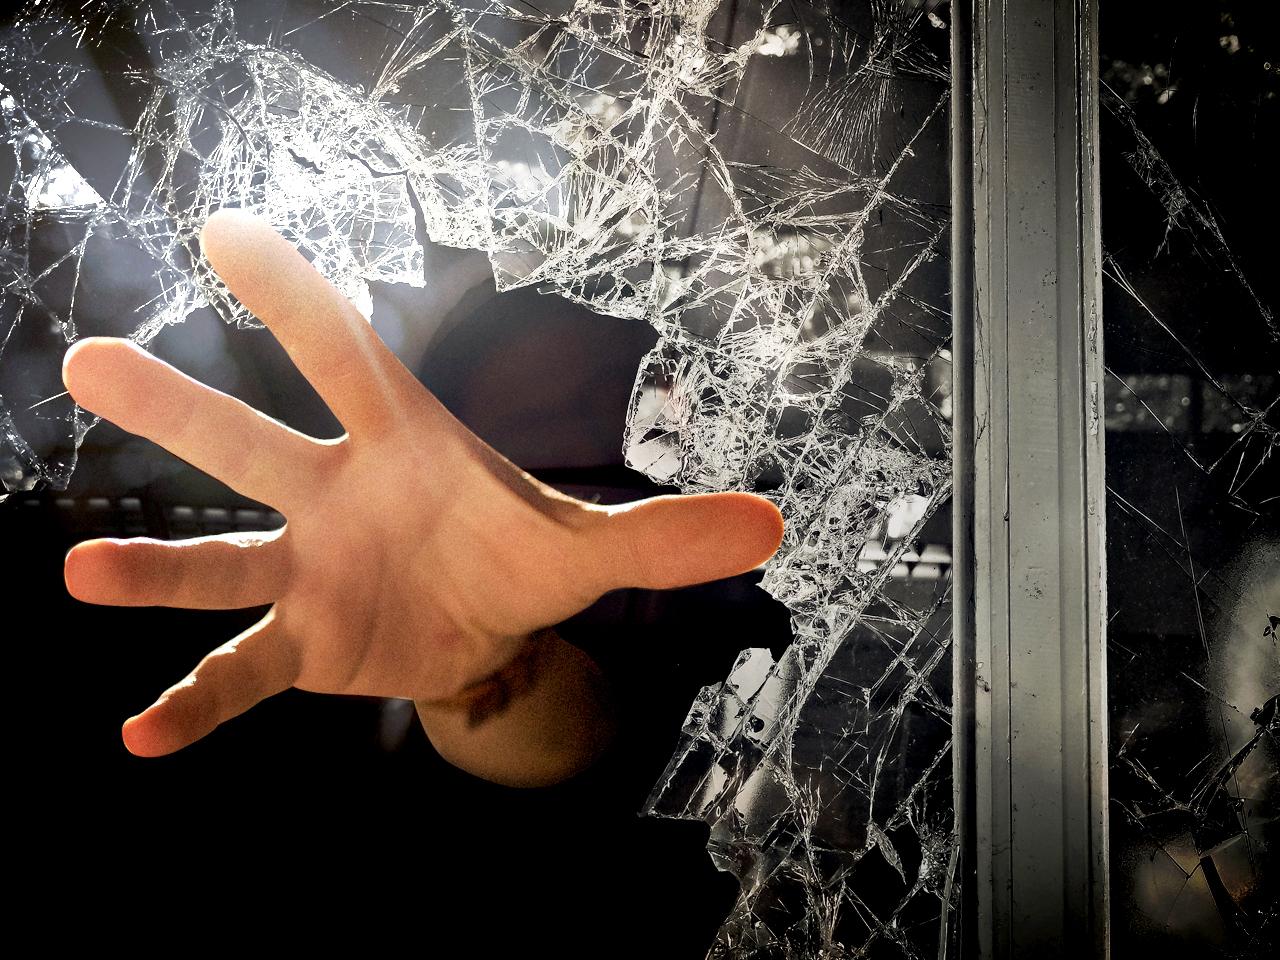 burglary____1542059547911.jpg